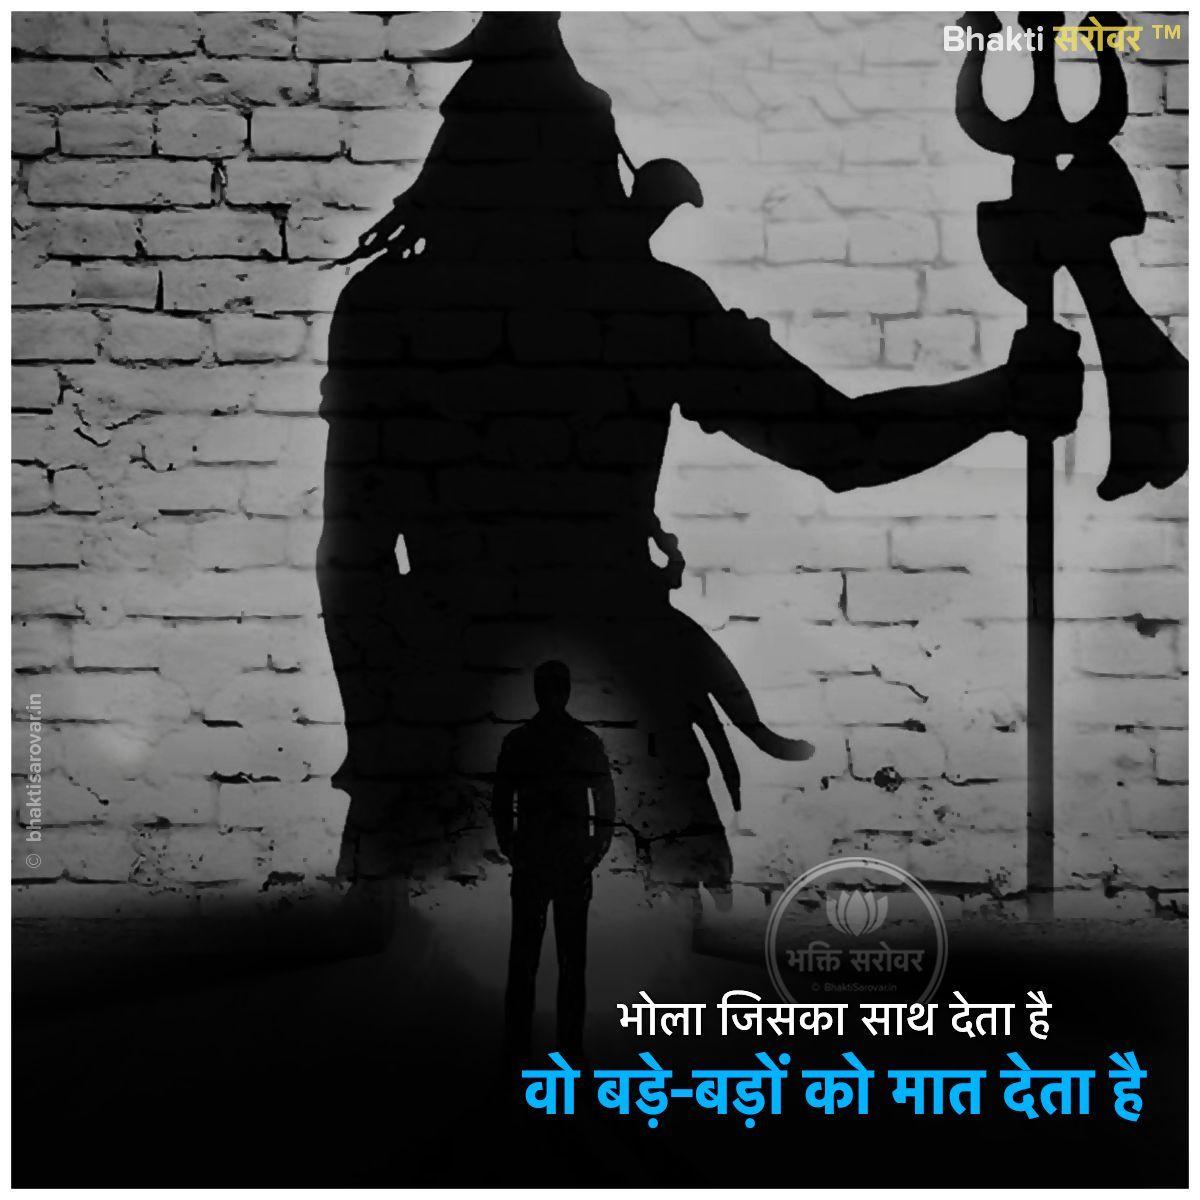 mahakaal #ShivaStatus #ShivaQuotes #ShivaFacts #ShivaShayri #Mahadev